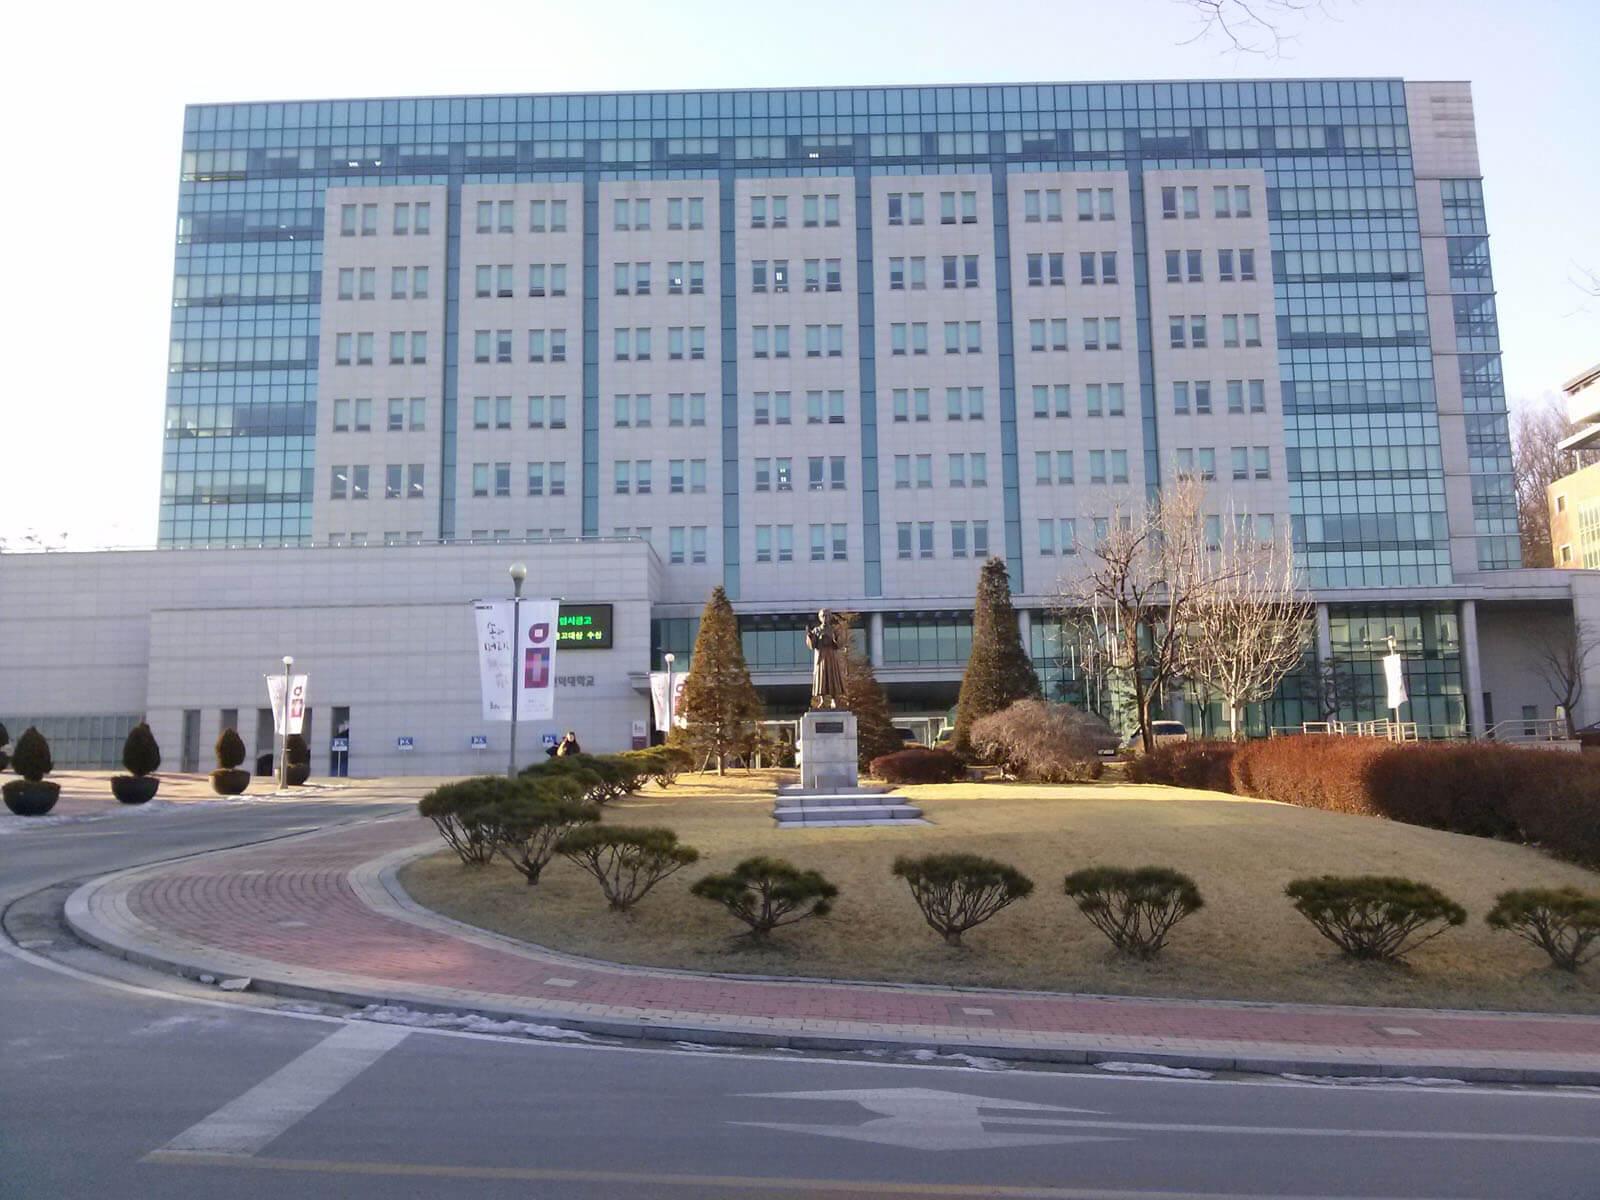 【國外編輯部專欄】韓國教改與技職學校的轉型